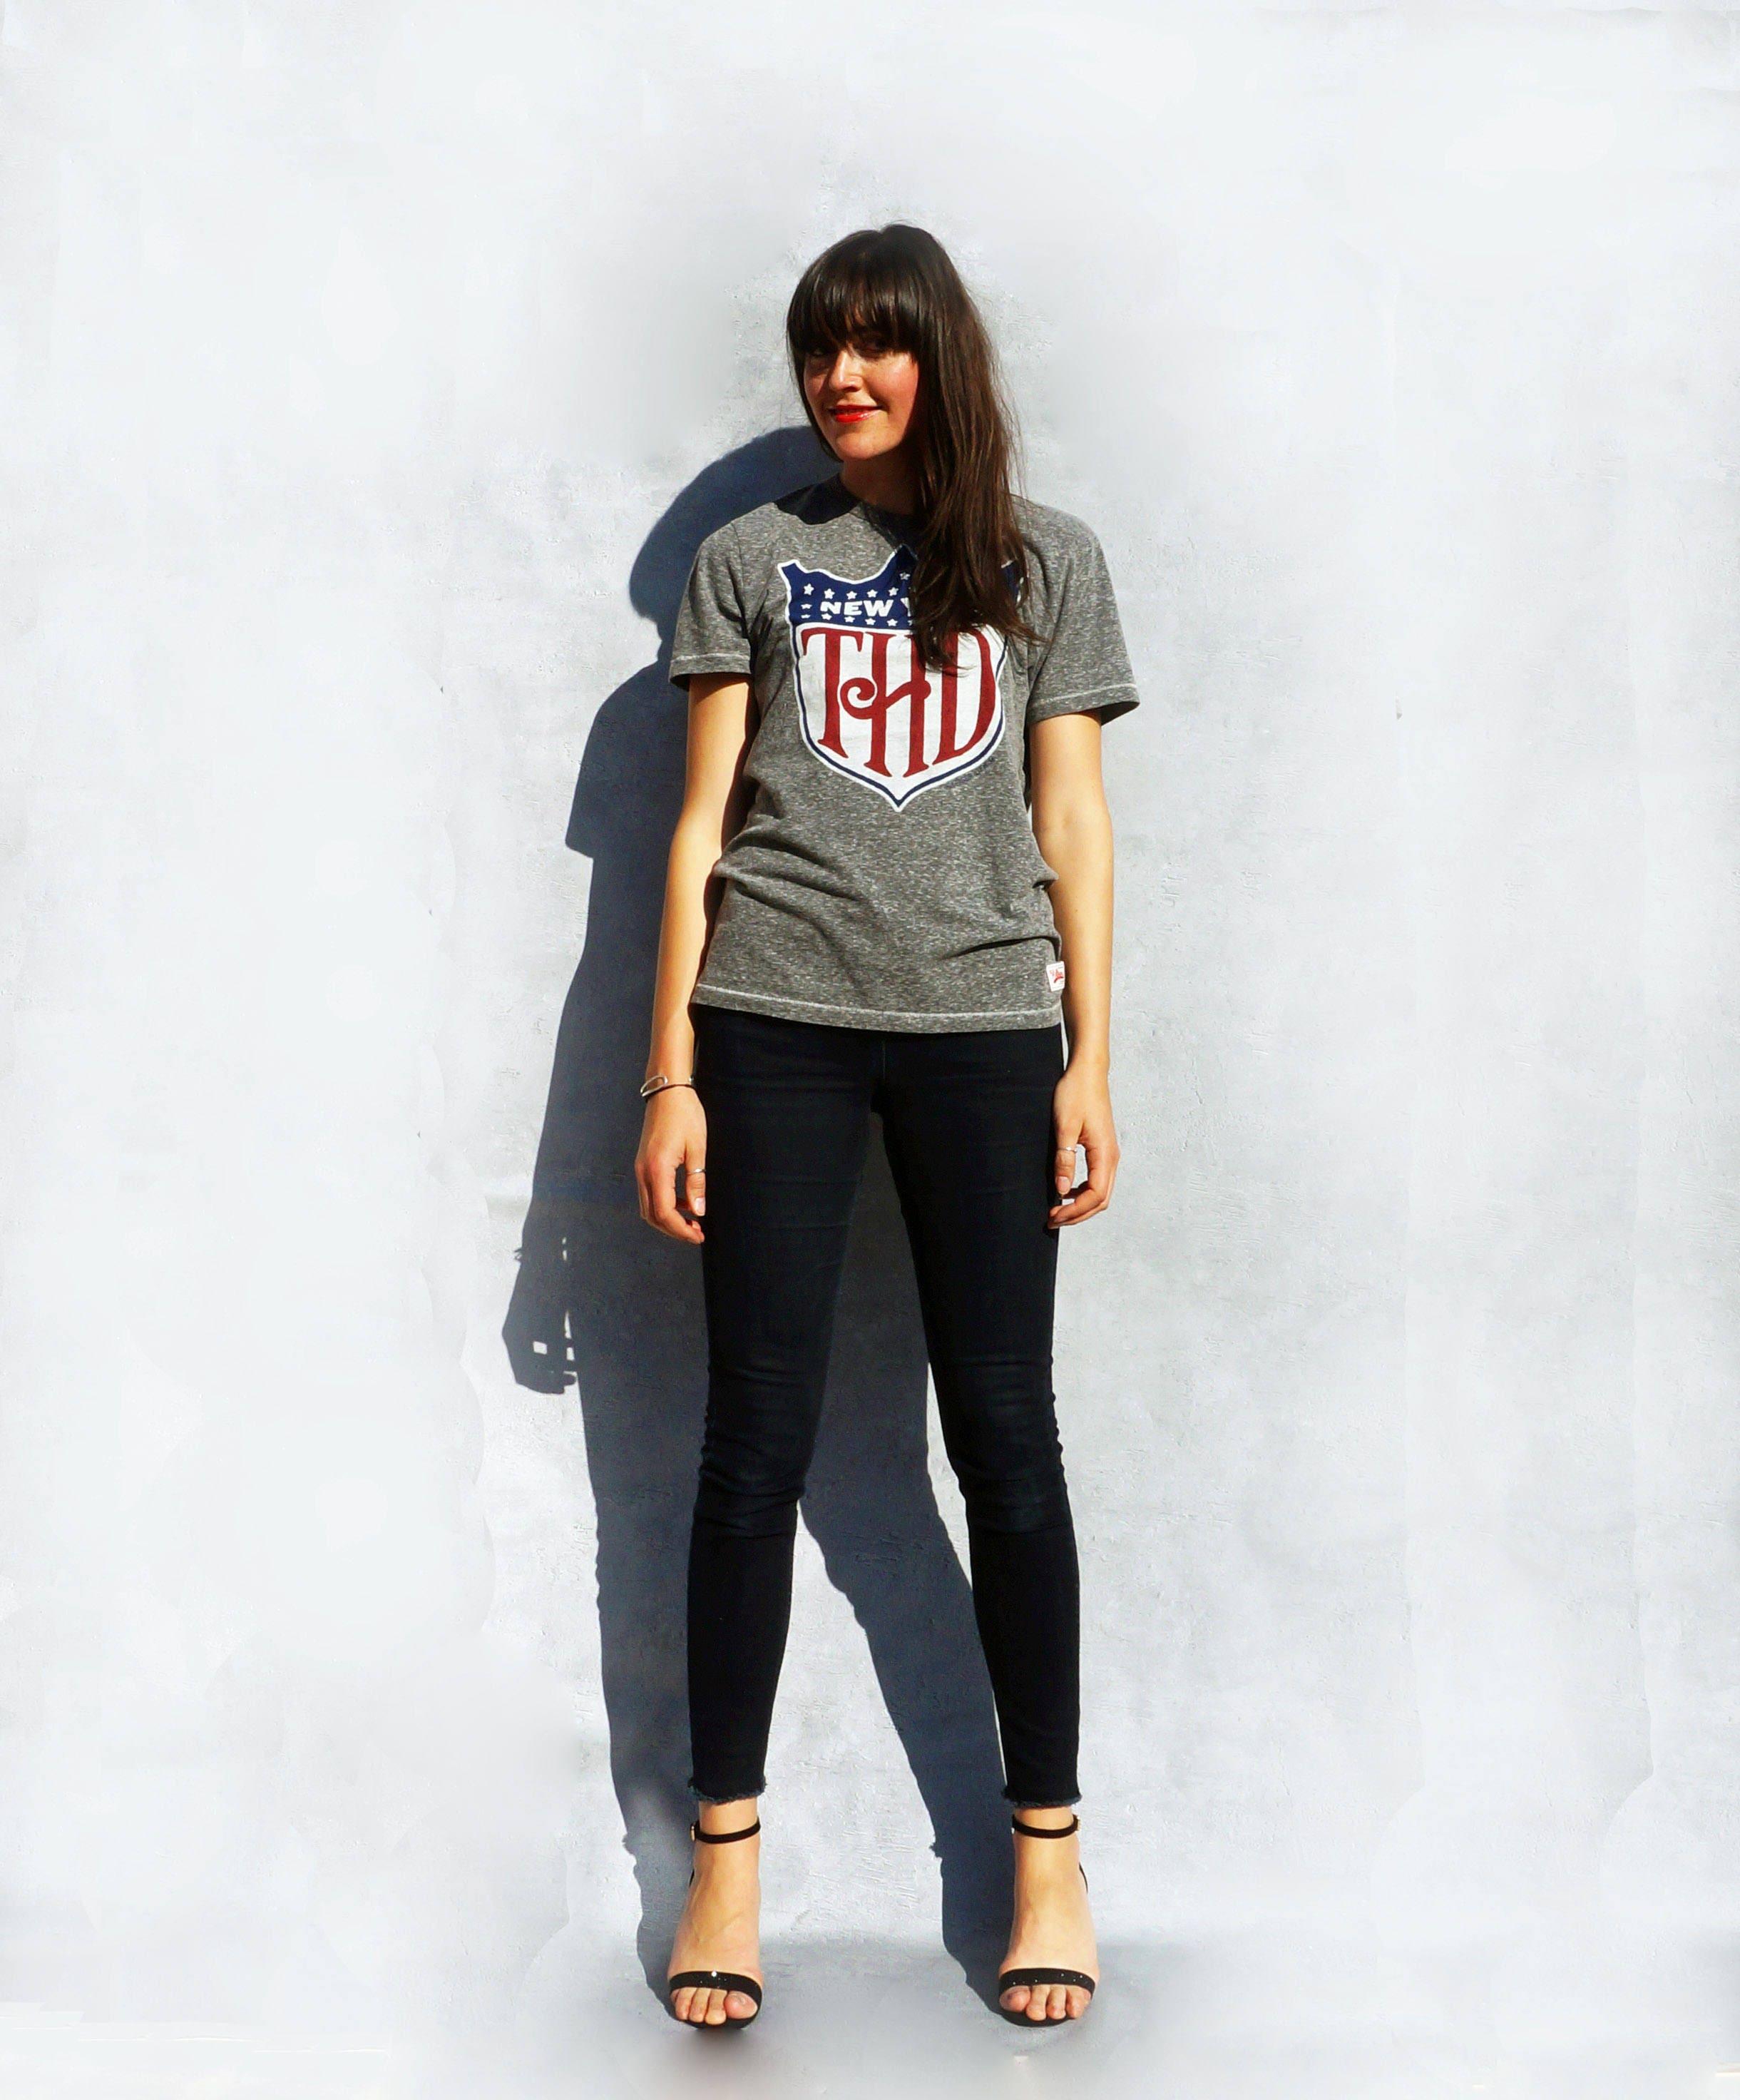 Tommy Hilfiger Tshirt Vintage 90s T shirt 90s Pop Culture Shirt Slogan Tshirt Tumblr Tshirt American Tshirt Womens Tshirt Cotton Top